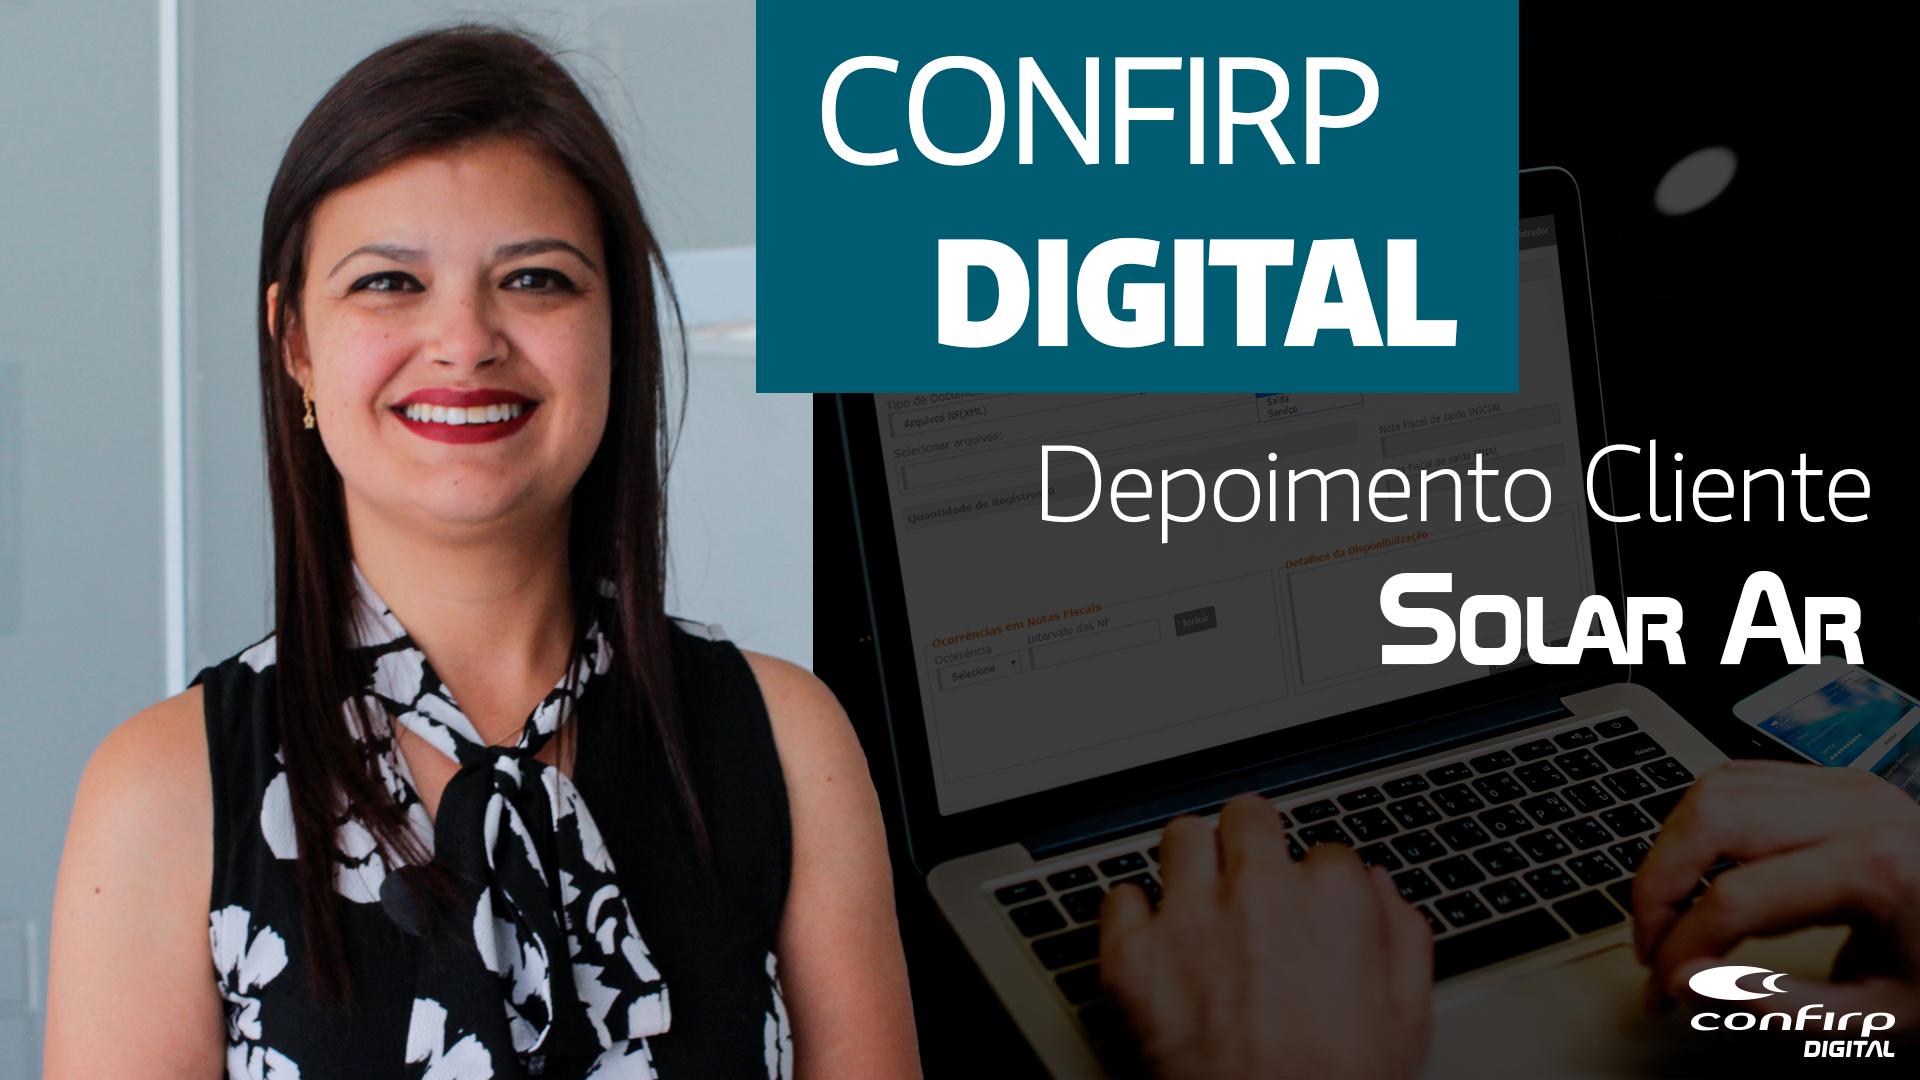 DEPOIMENTO DE CLIENTES CONFIRP DIGITAL | SOLAR AR